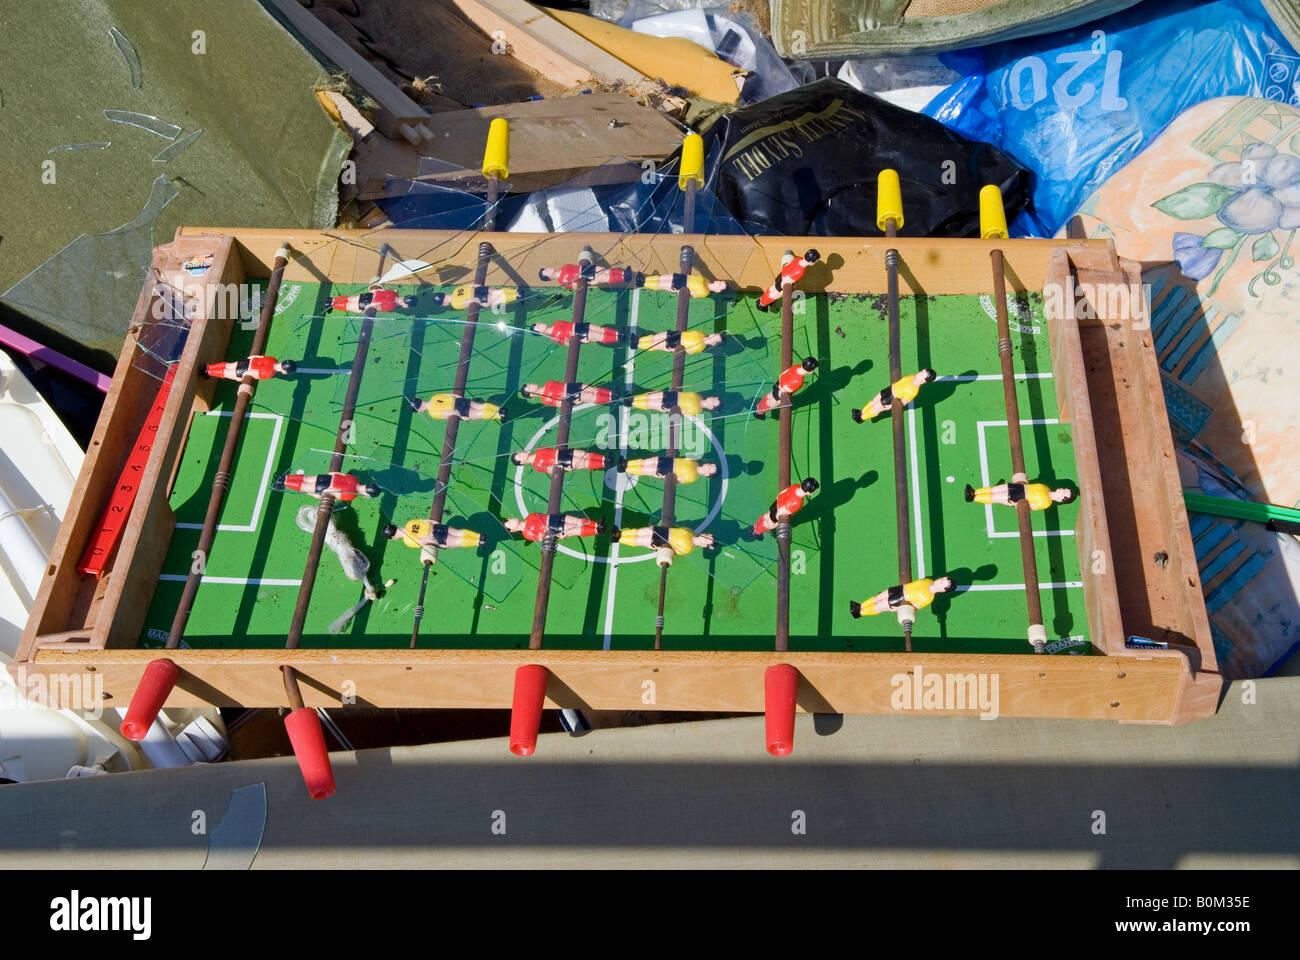 El Juego De Futbol De Mesa En Un Salto En Un Hogar En El Centro De